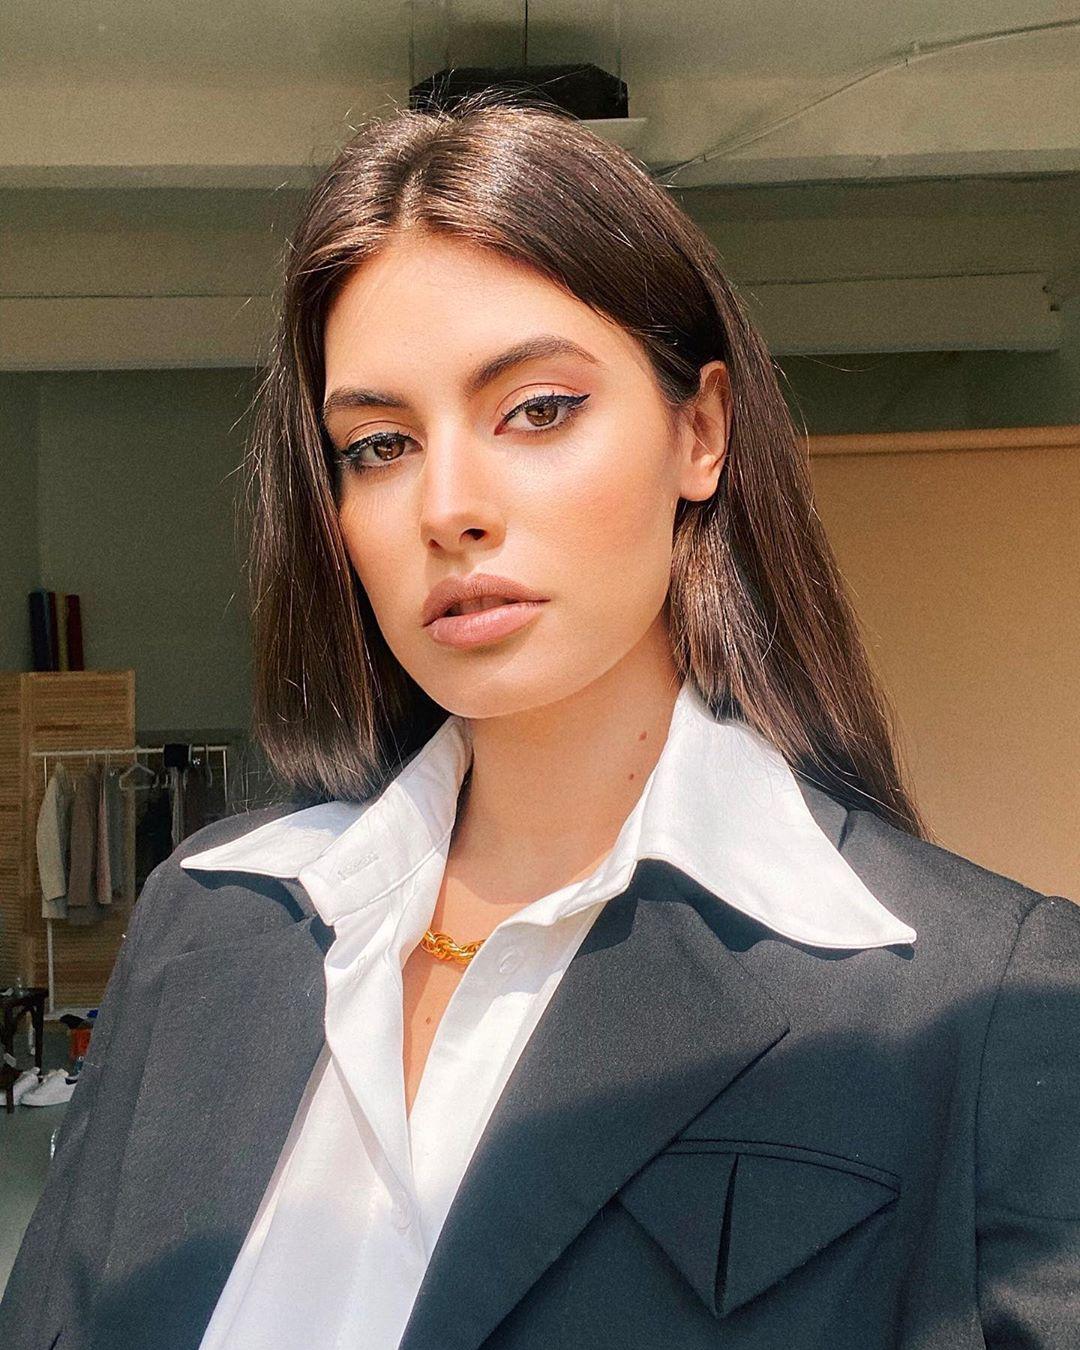 Модная Пудра 2021: Рейтинг Лучших Брендов и Категорий Для Пудр